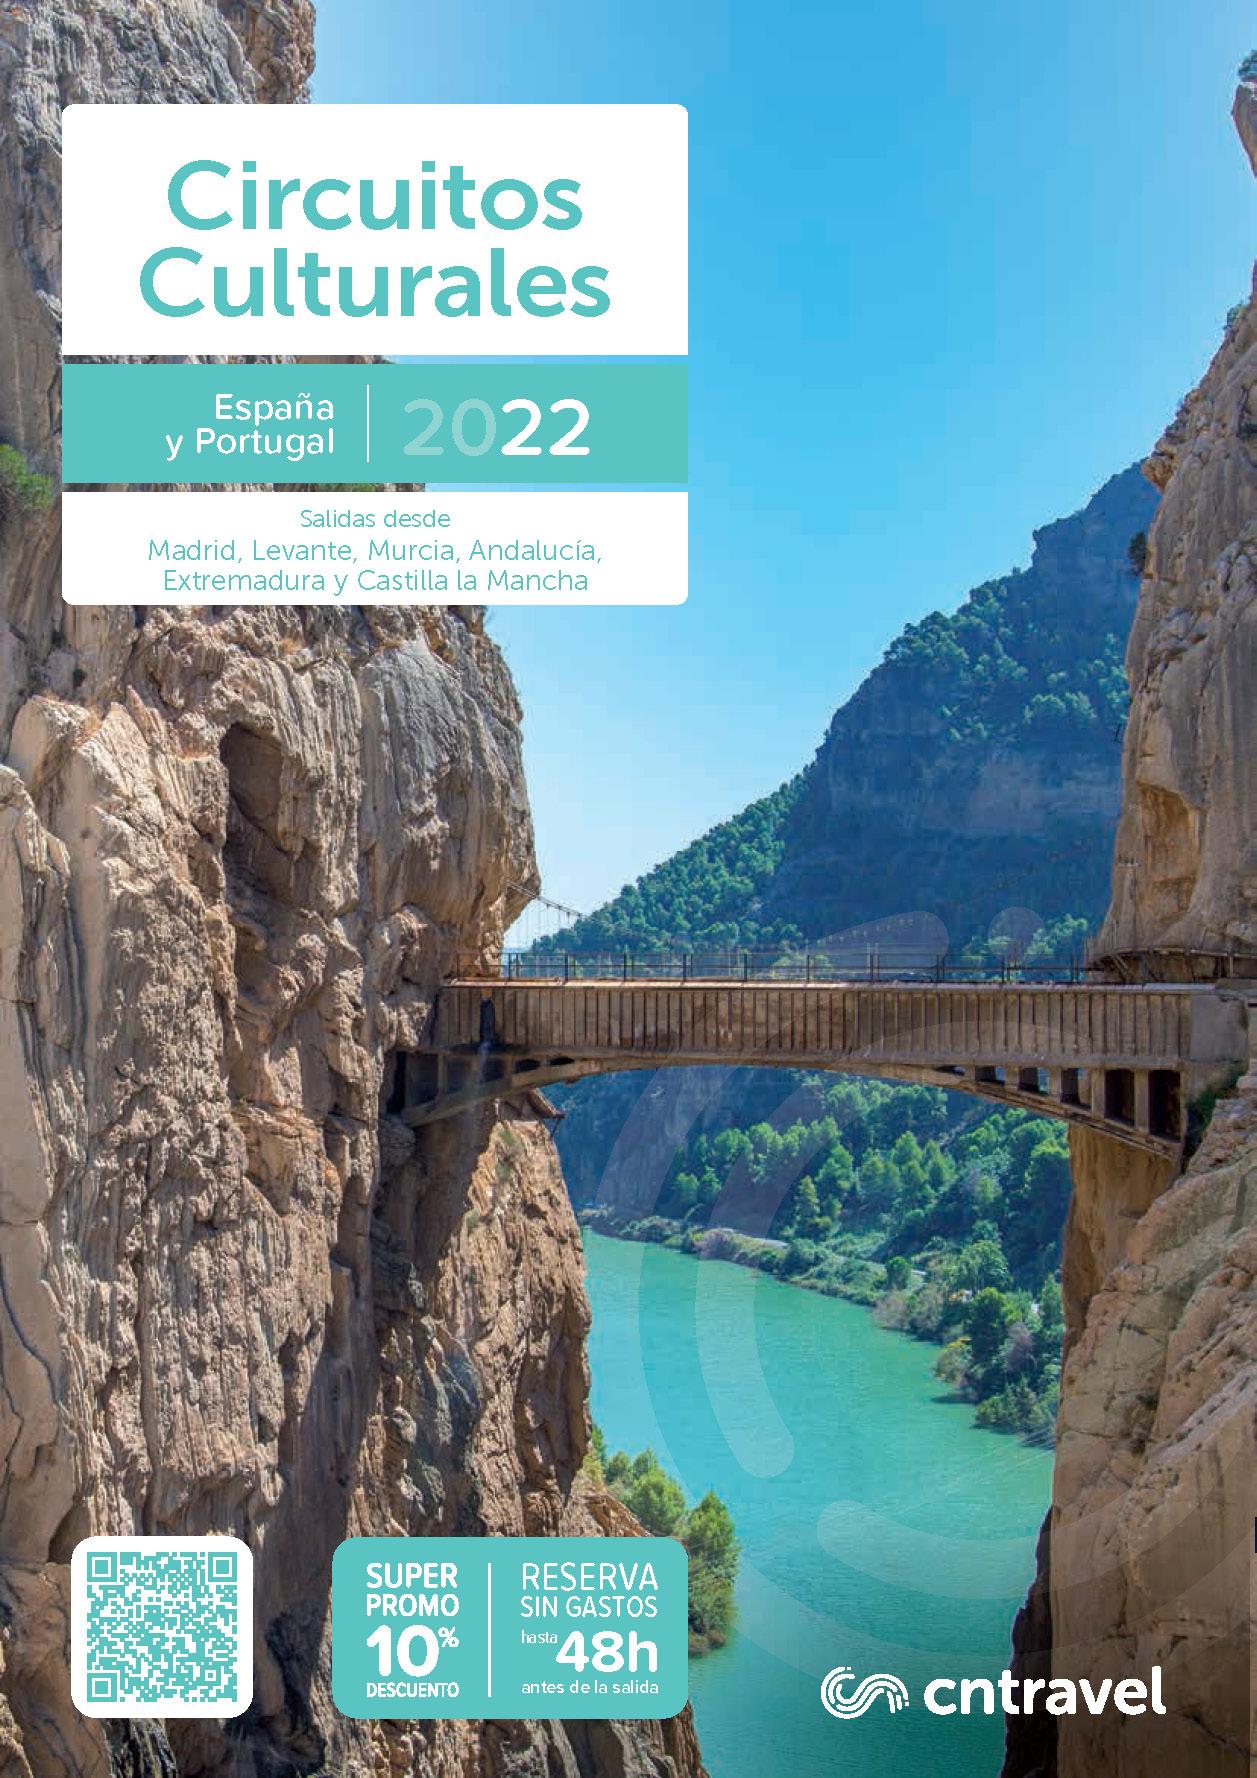 Catalogo CN Travel Circuitos Culturales 2022 Espana y Portugal salidas desde Madrid Castilla la Mancha Levante Murcia Andalucia y Extremadura